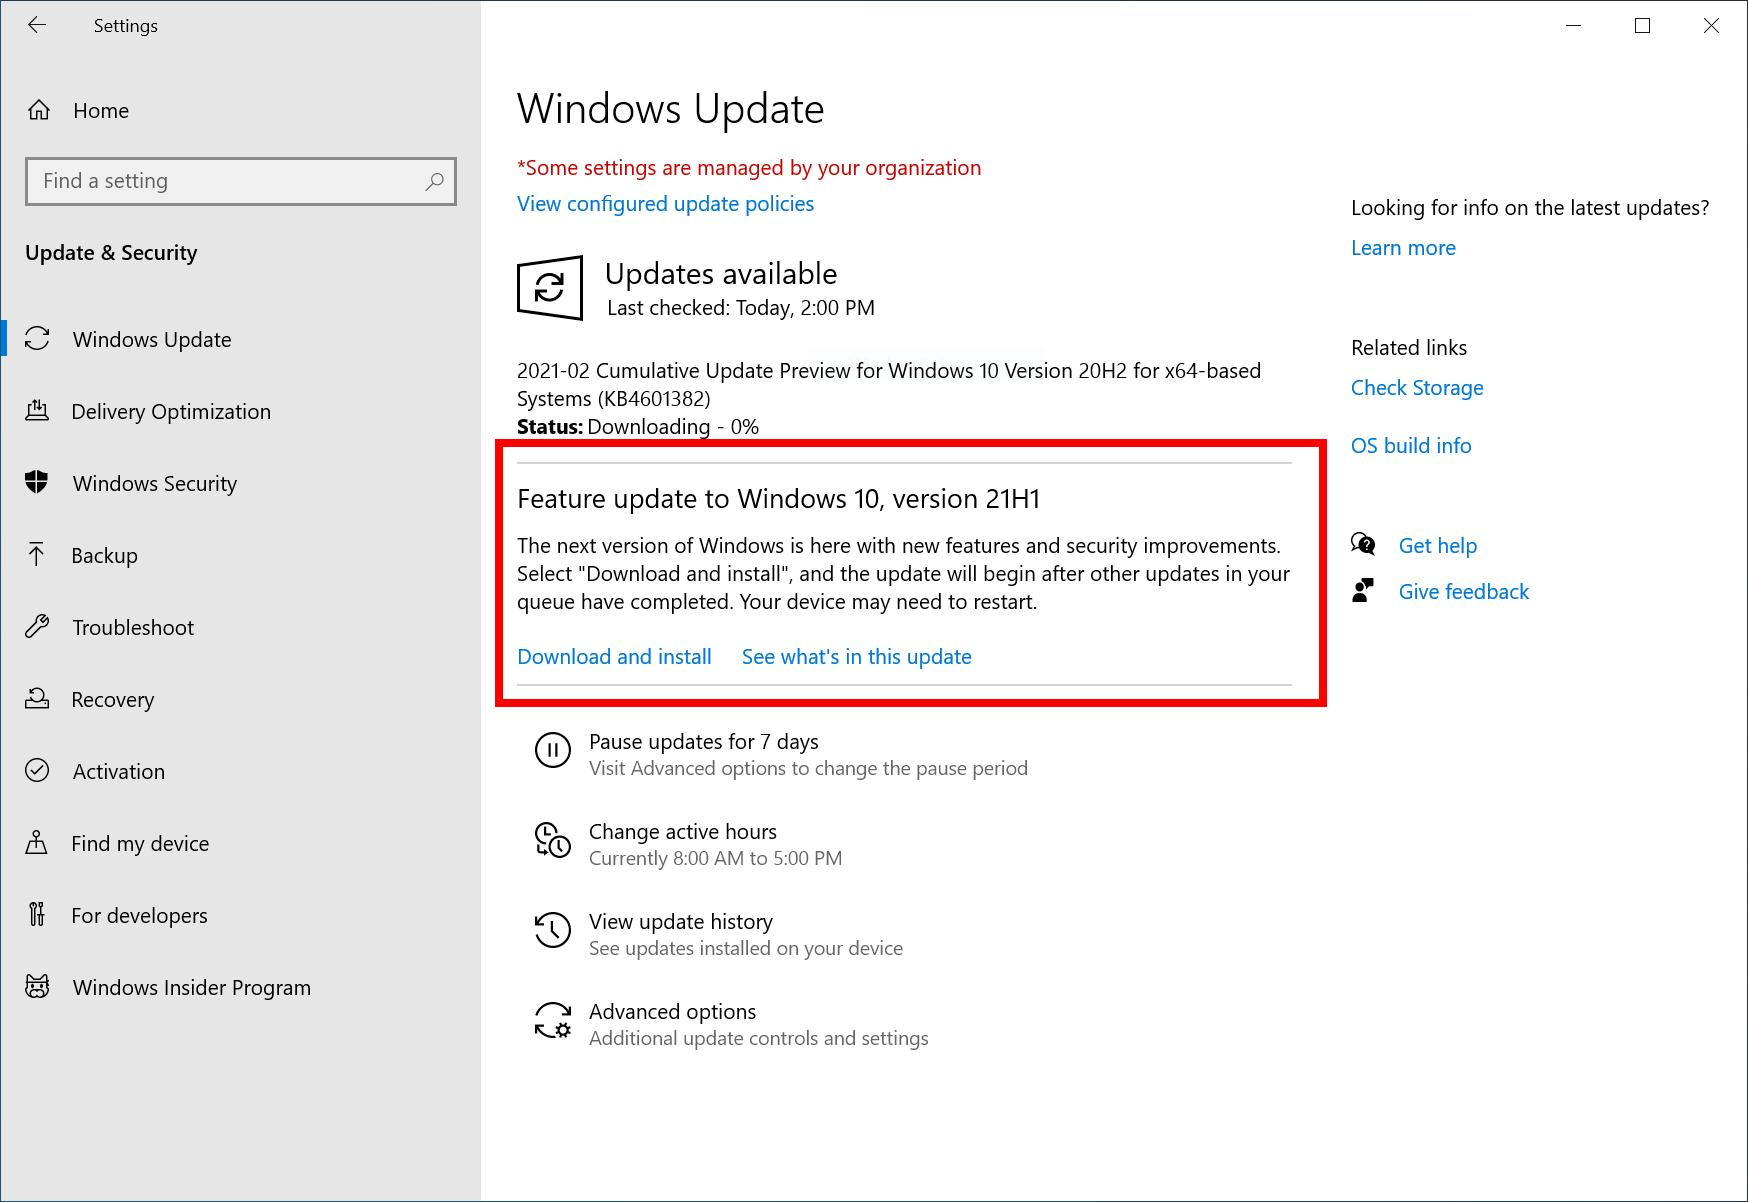 actualización de funciones de Windows 10 versión 21h1